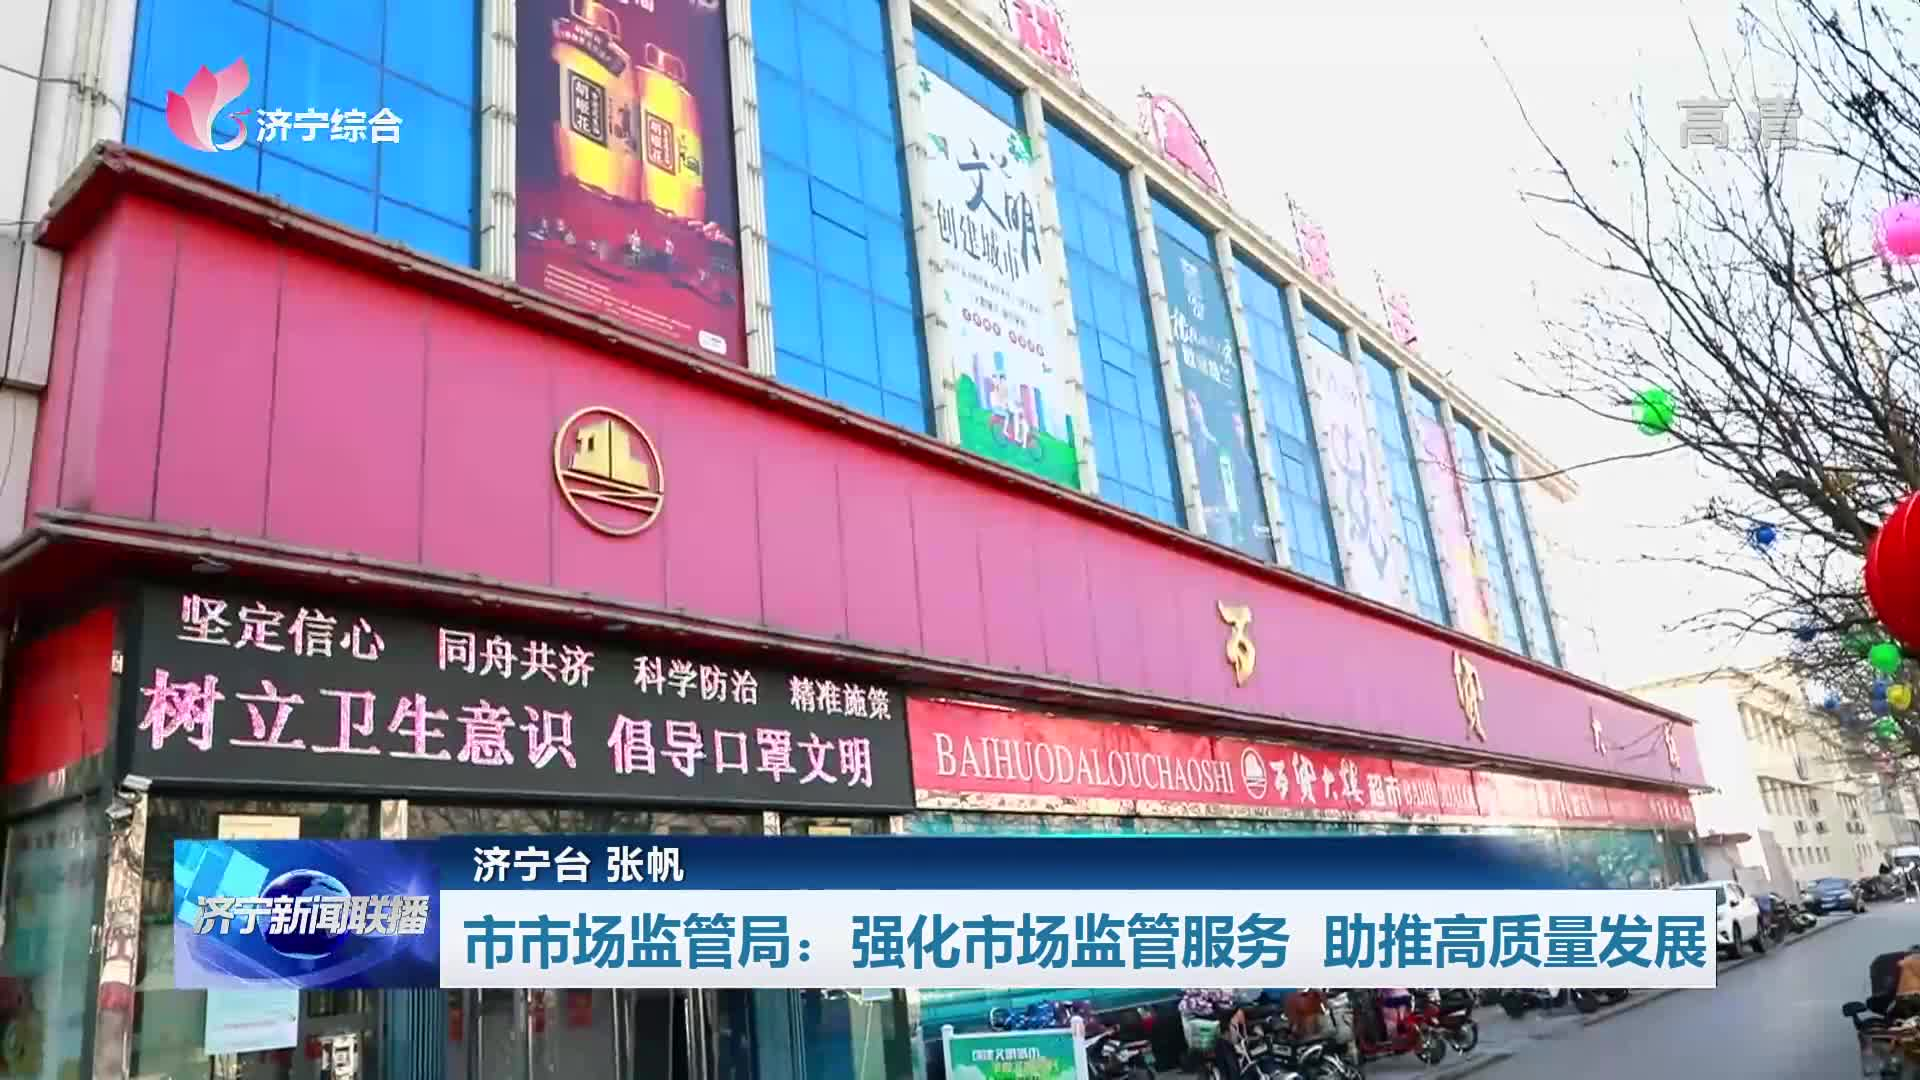 聚力重点工作攻坚 | 济宁市市场监管局:强化市场监管服务 助推高质量发展